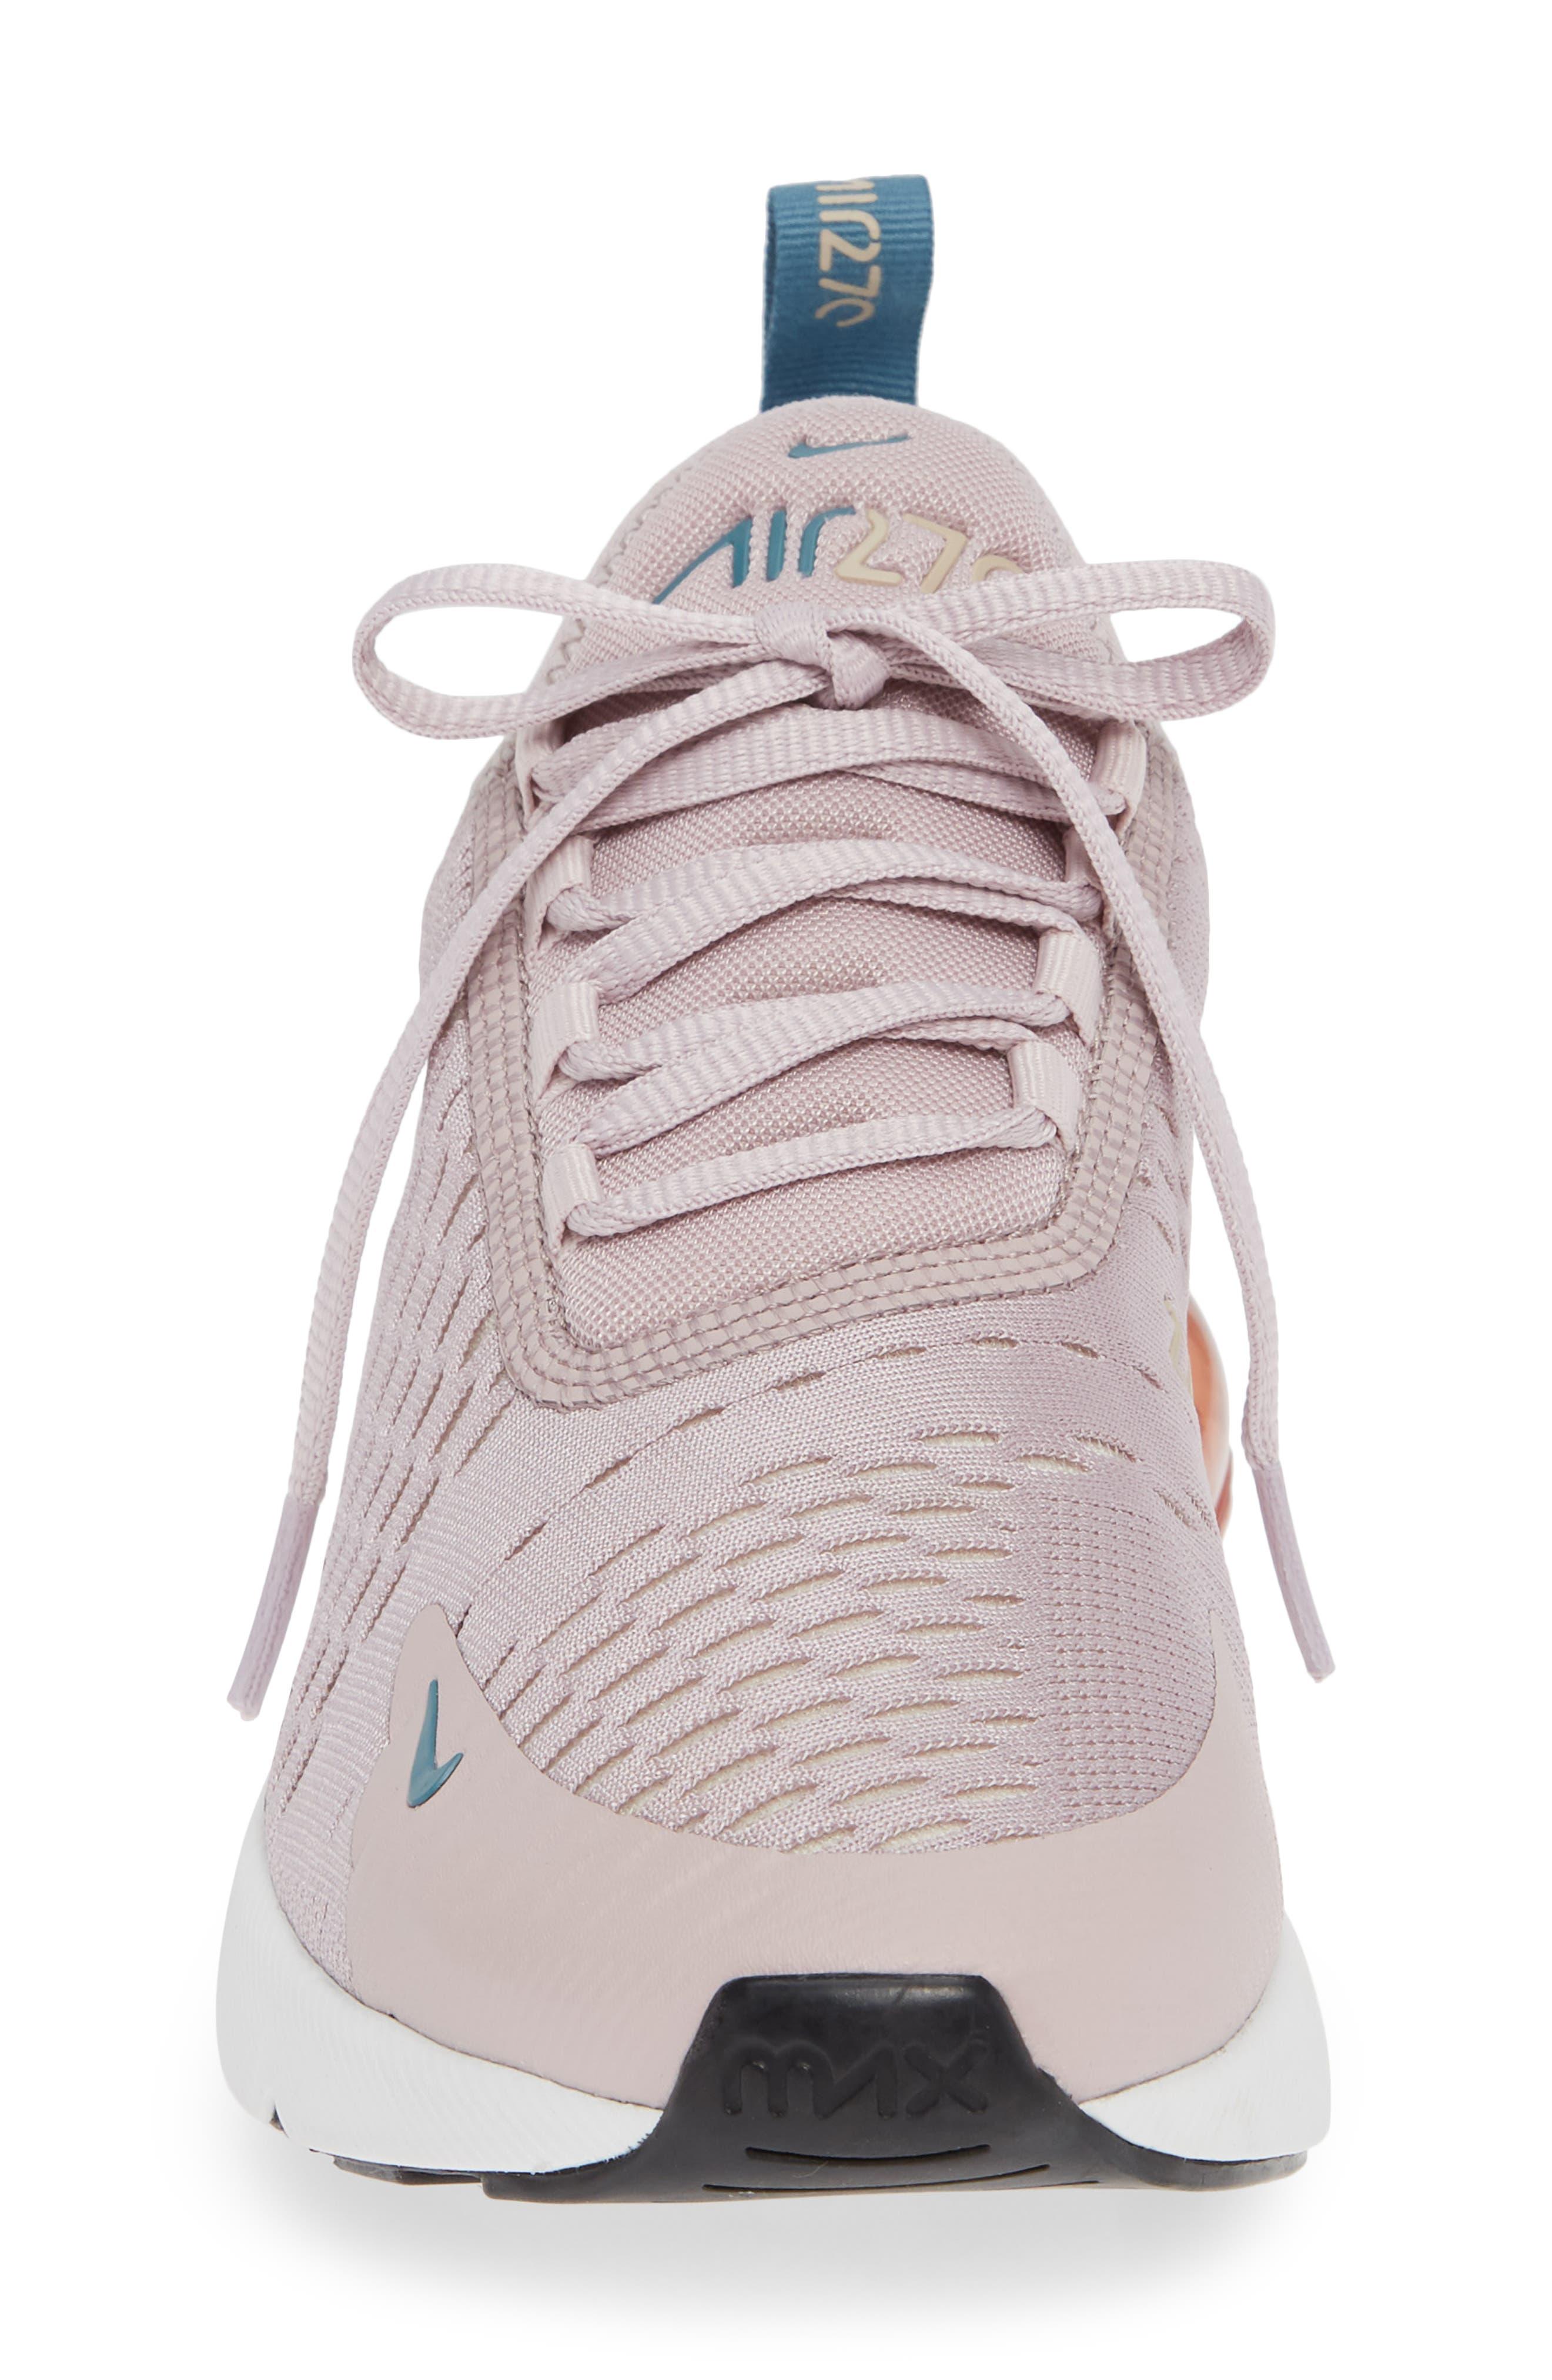 Air Max 270 Premium Sneaker,                             Alternate thumbnail 4, color,                             PARTICLE ROSE/ CELESTIAL TEAL